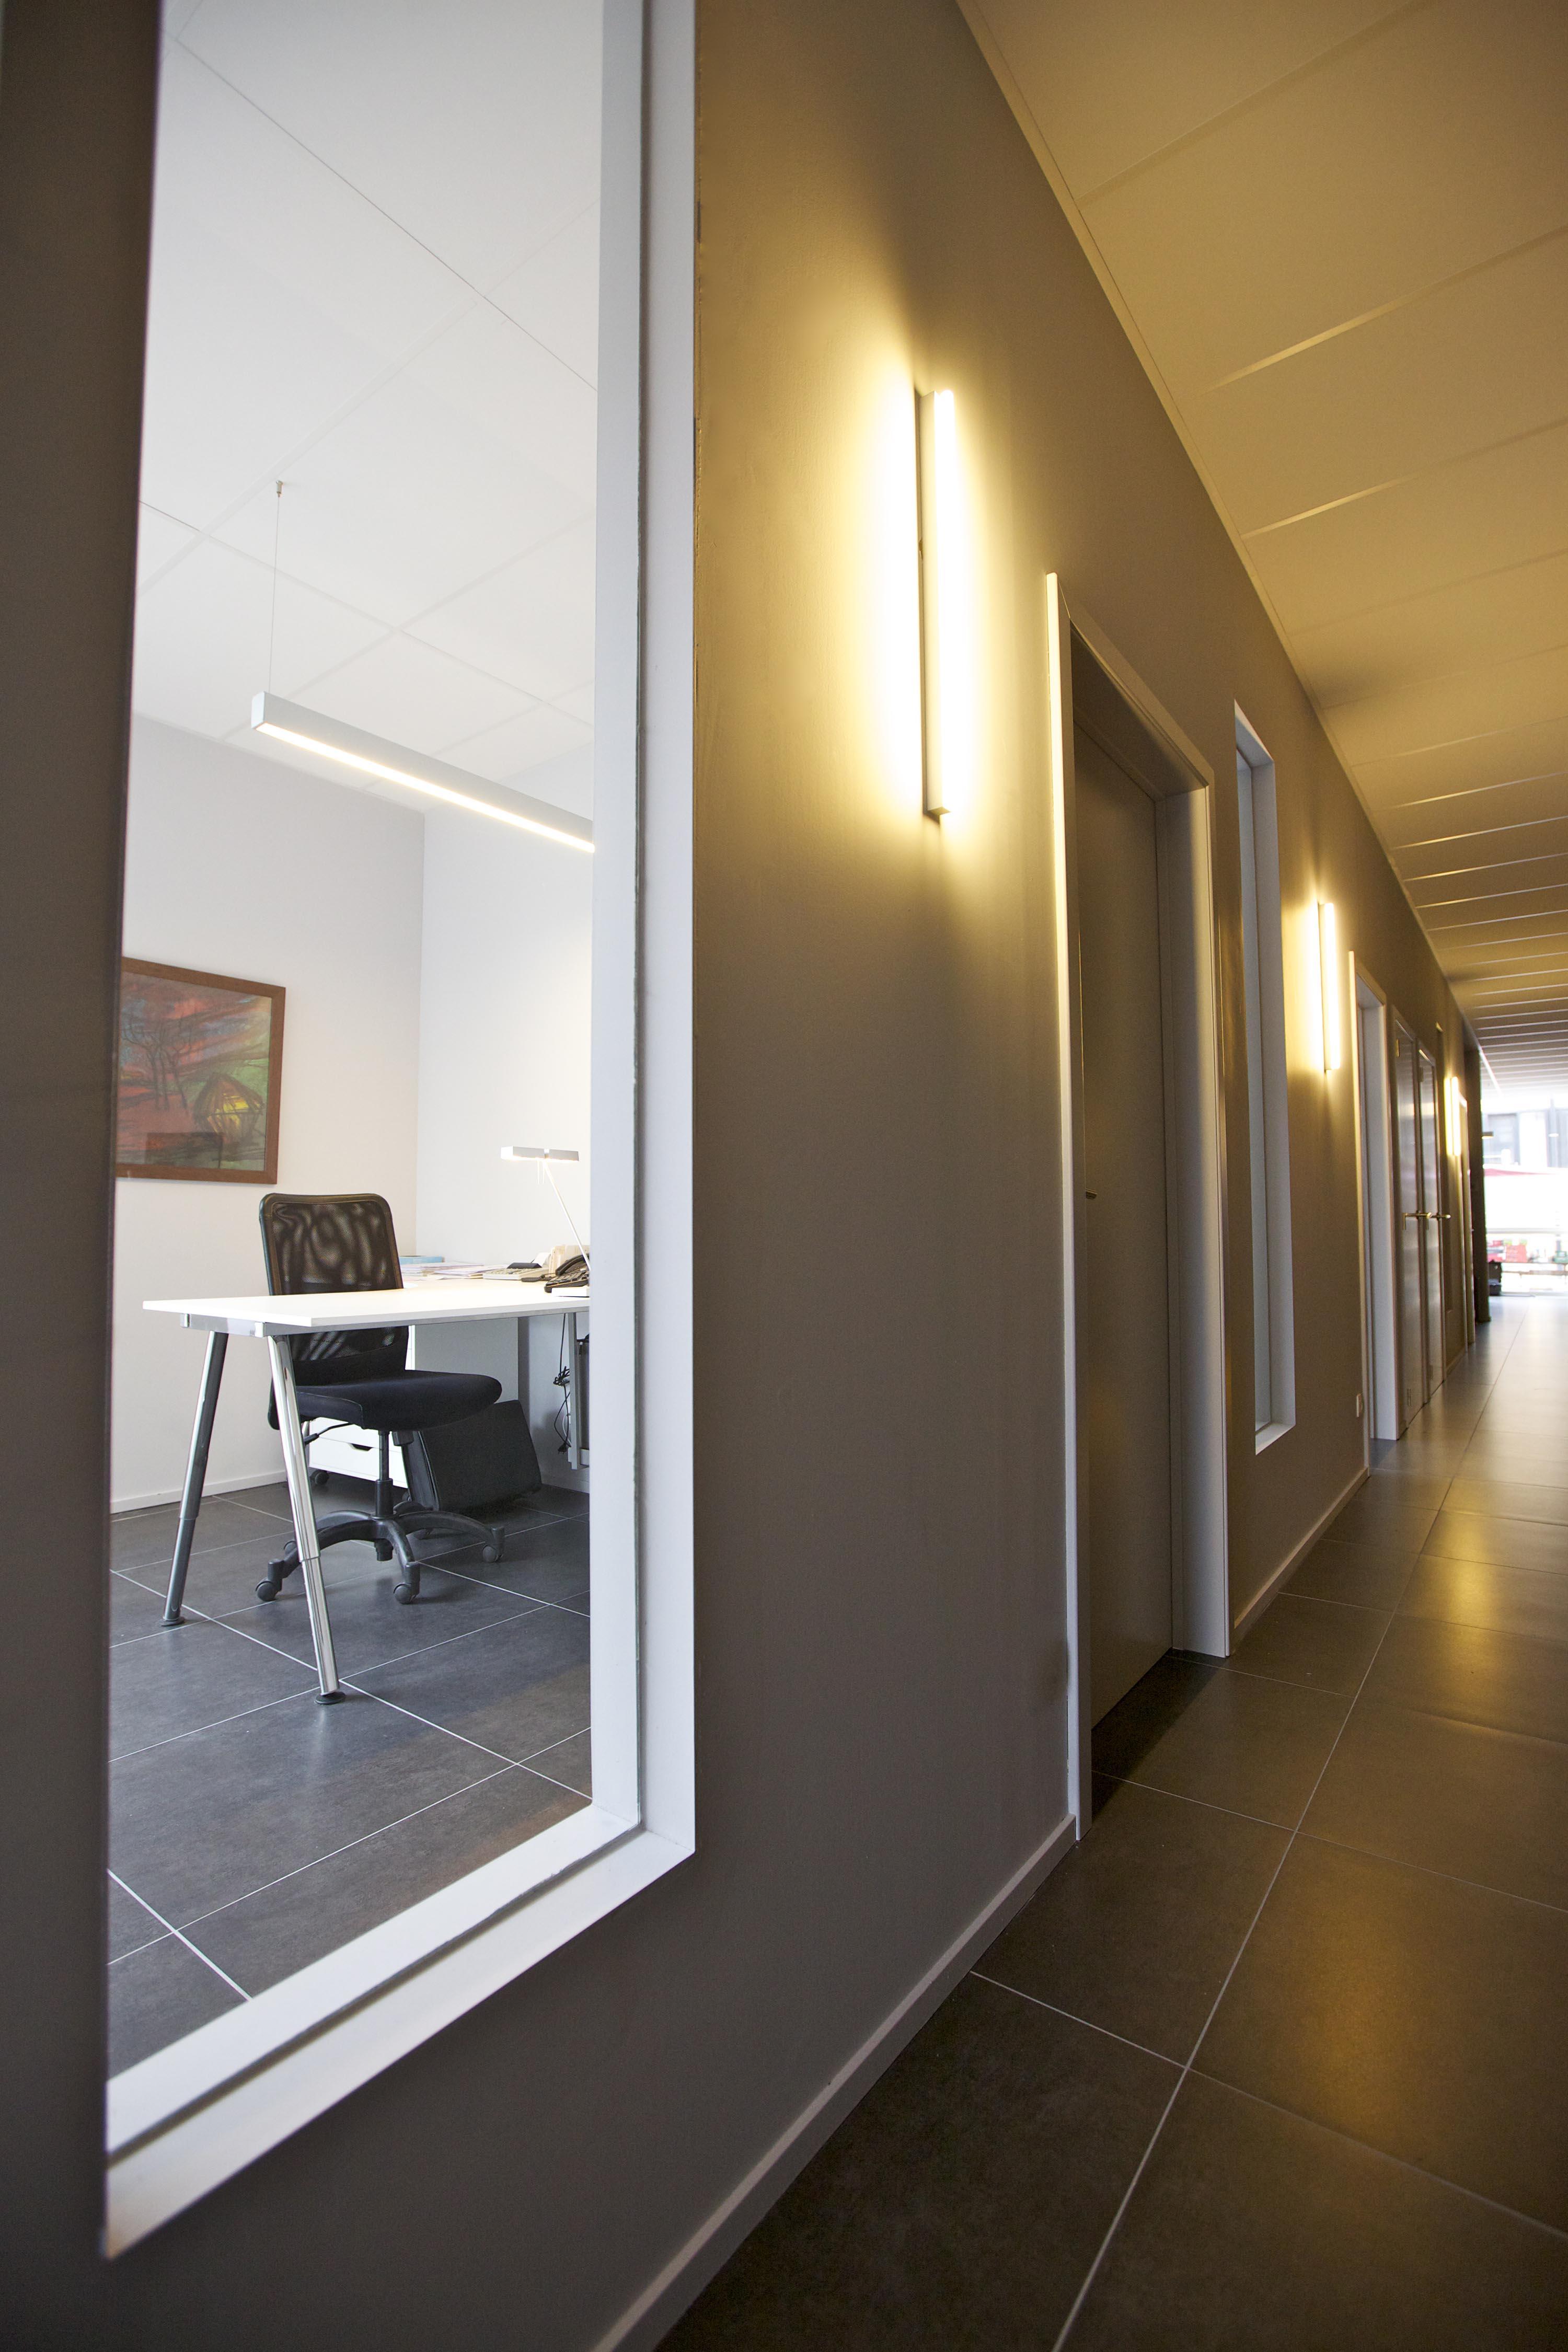 Vloeren Wanden Kasten Burelen Verlichting Verwarming Groep